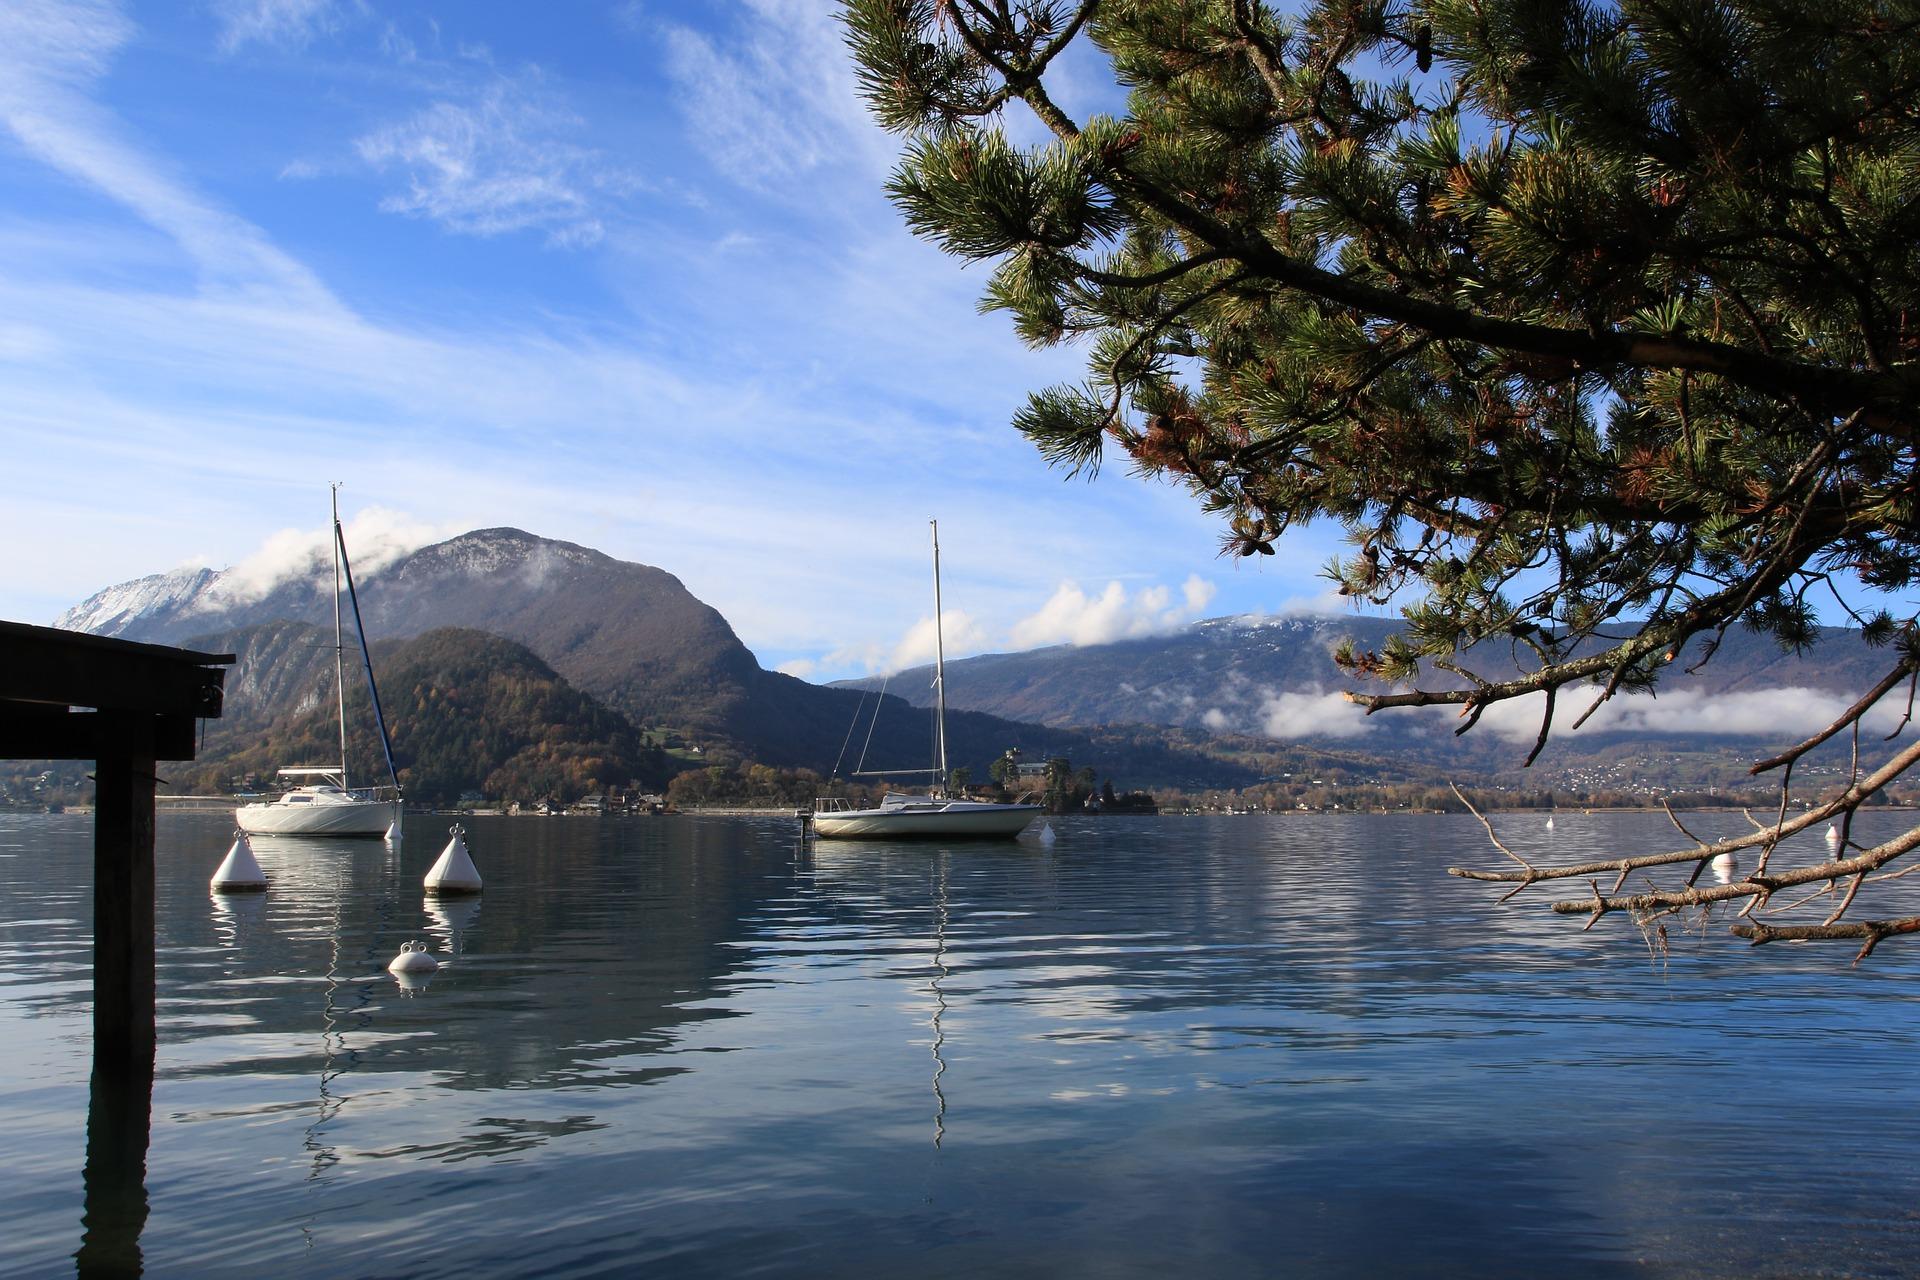 Lac_d'Annecy_CC0.jpg?1545479512